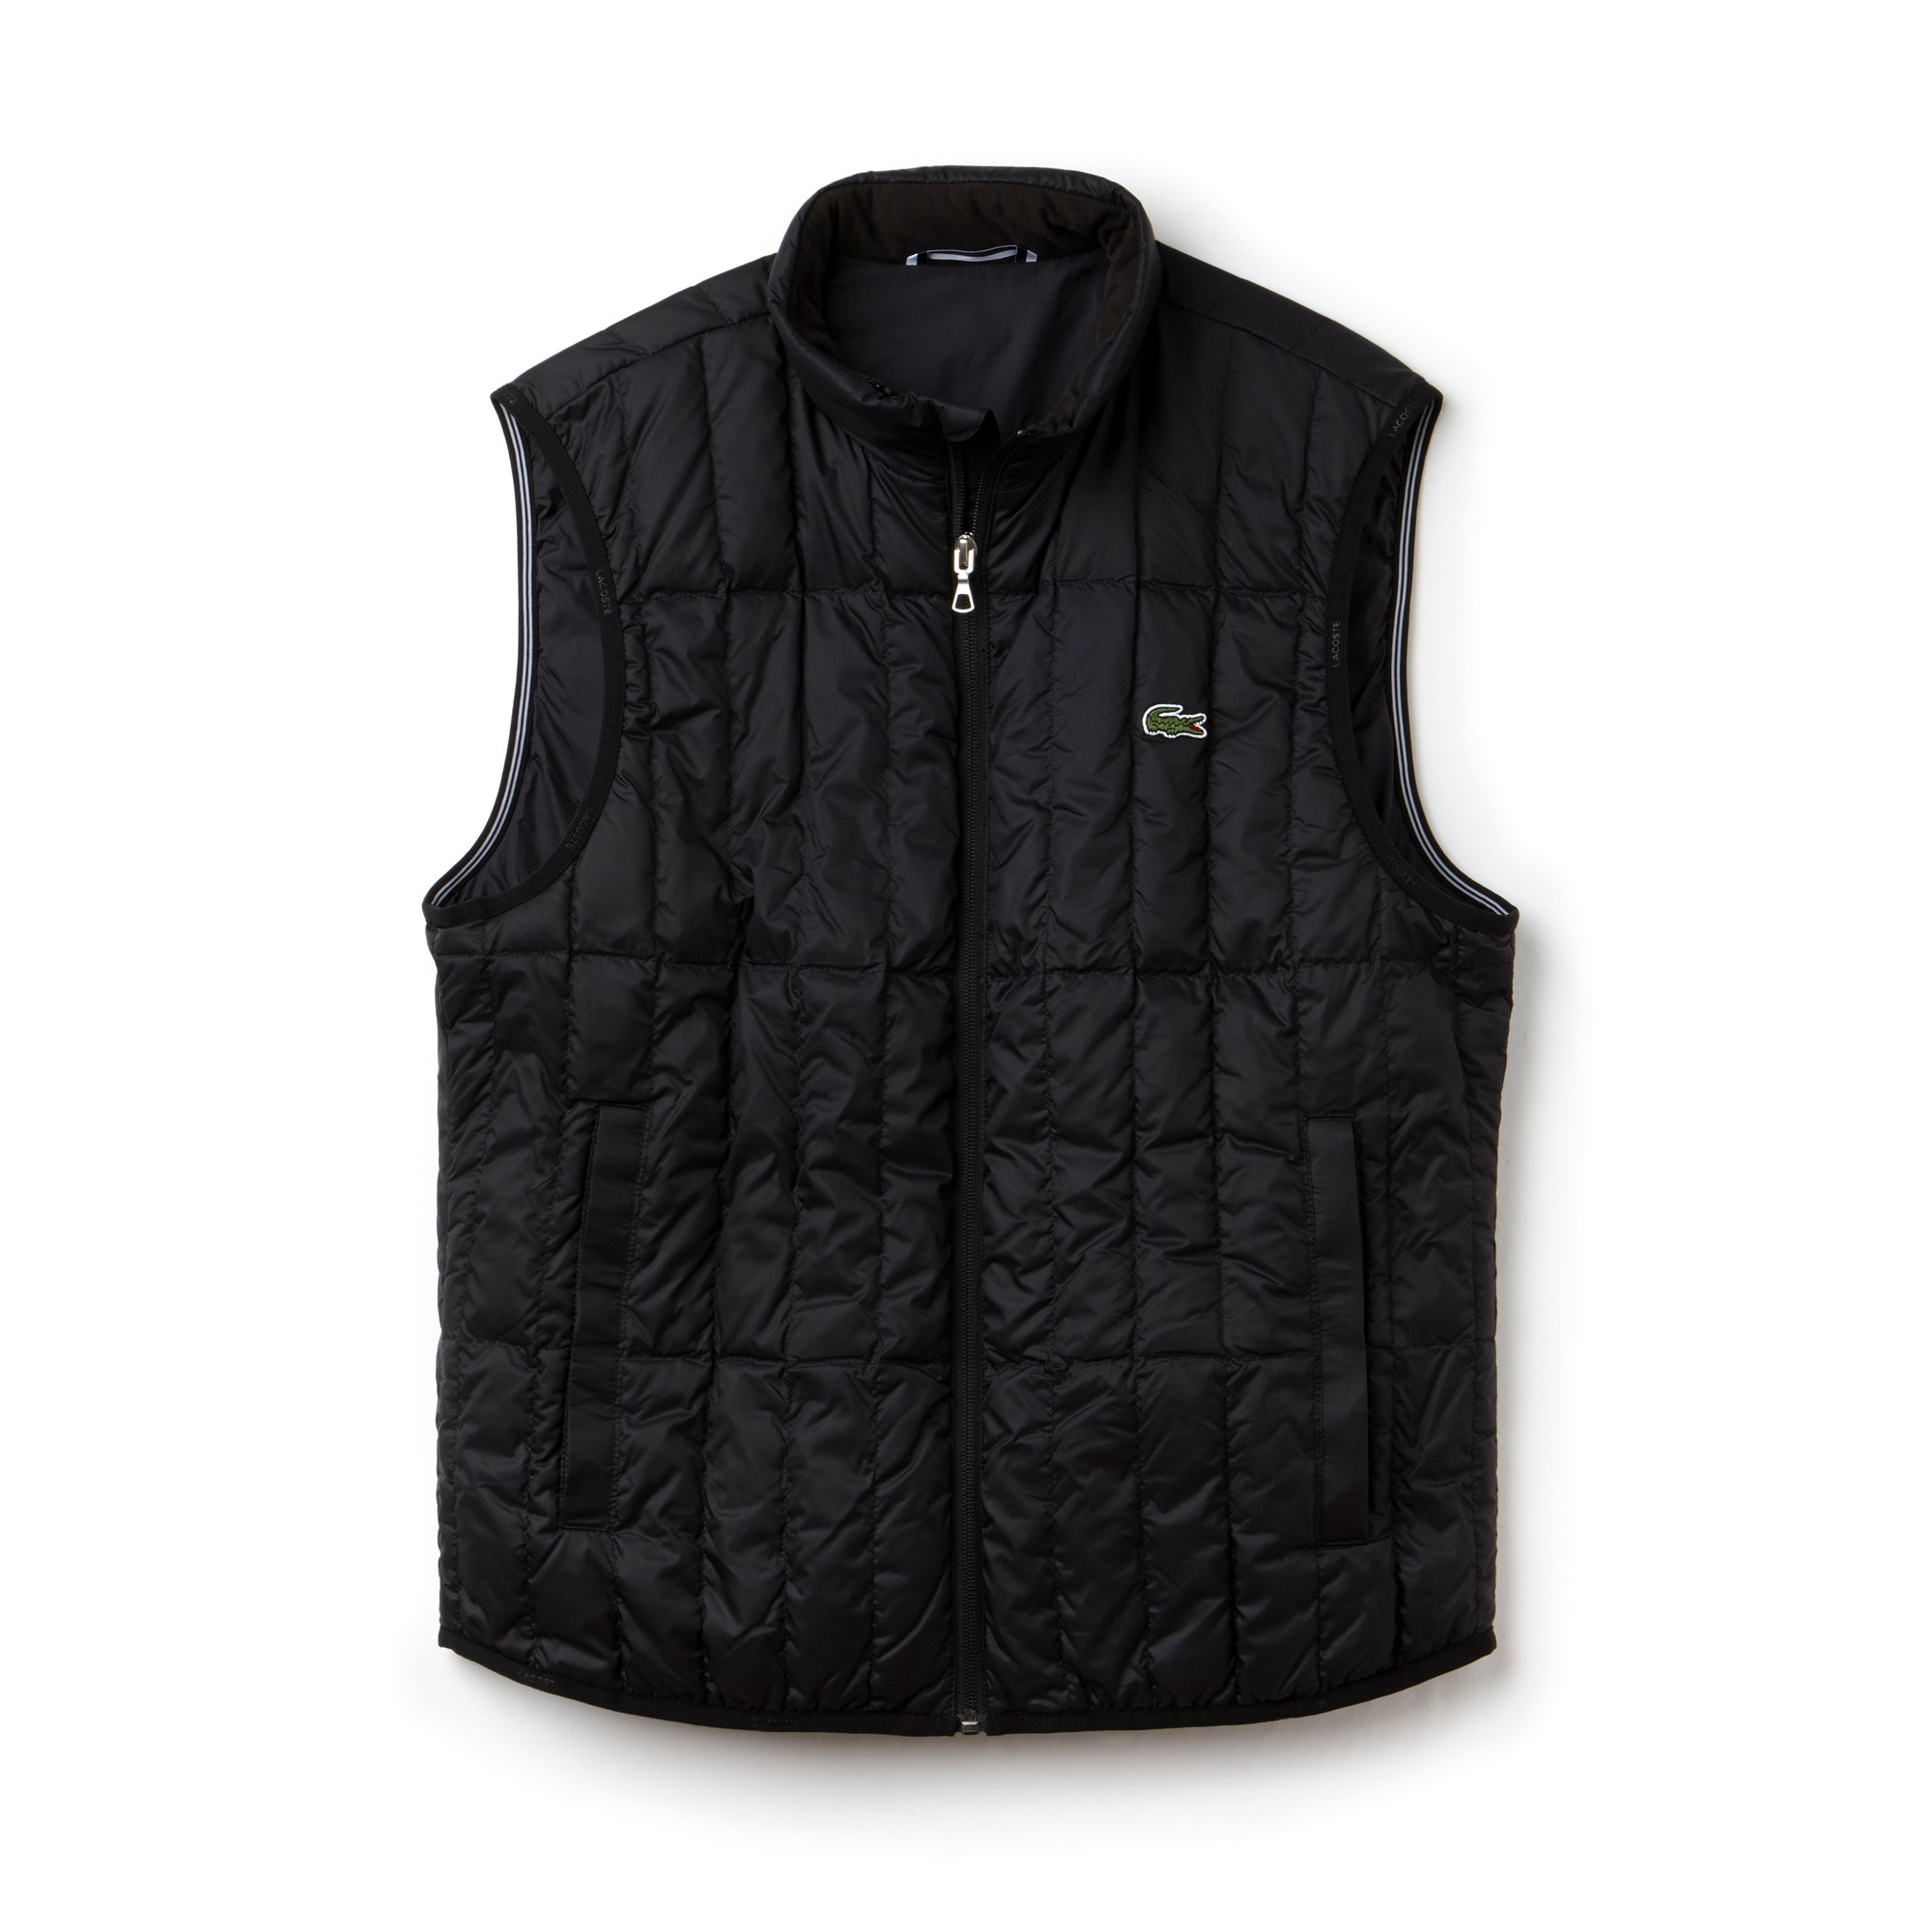 Men's Lightweight Built-in Hood Quilted Down Packable Vest